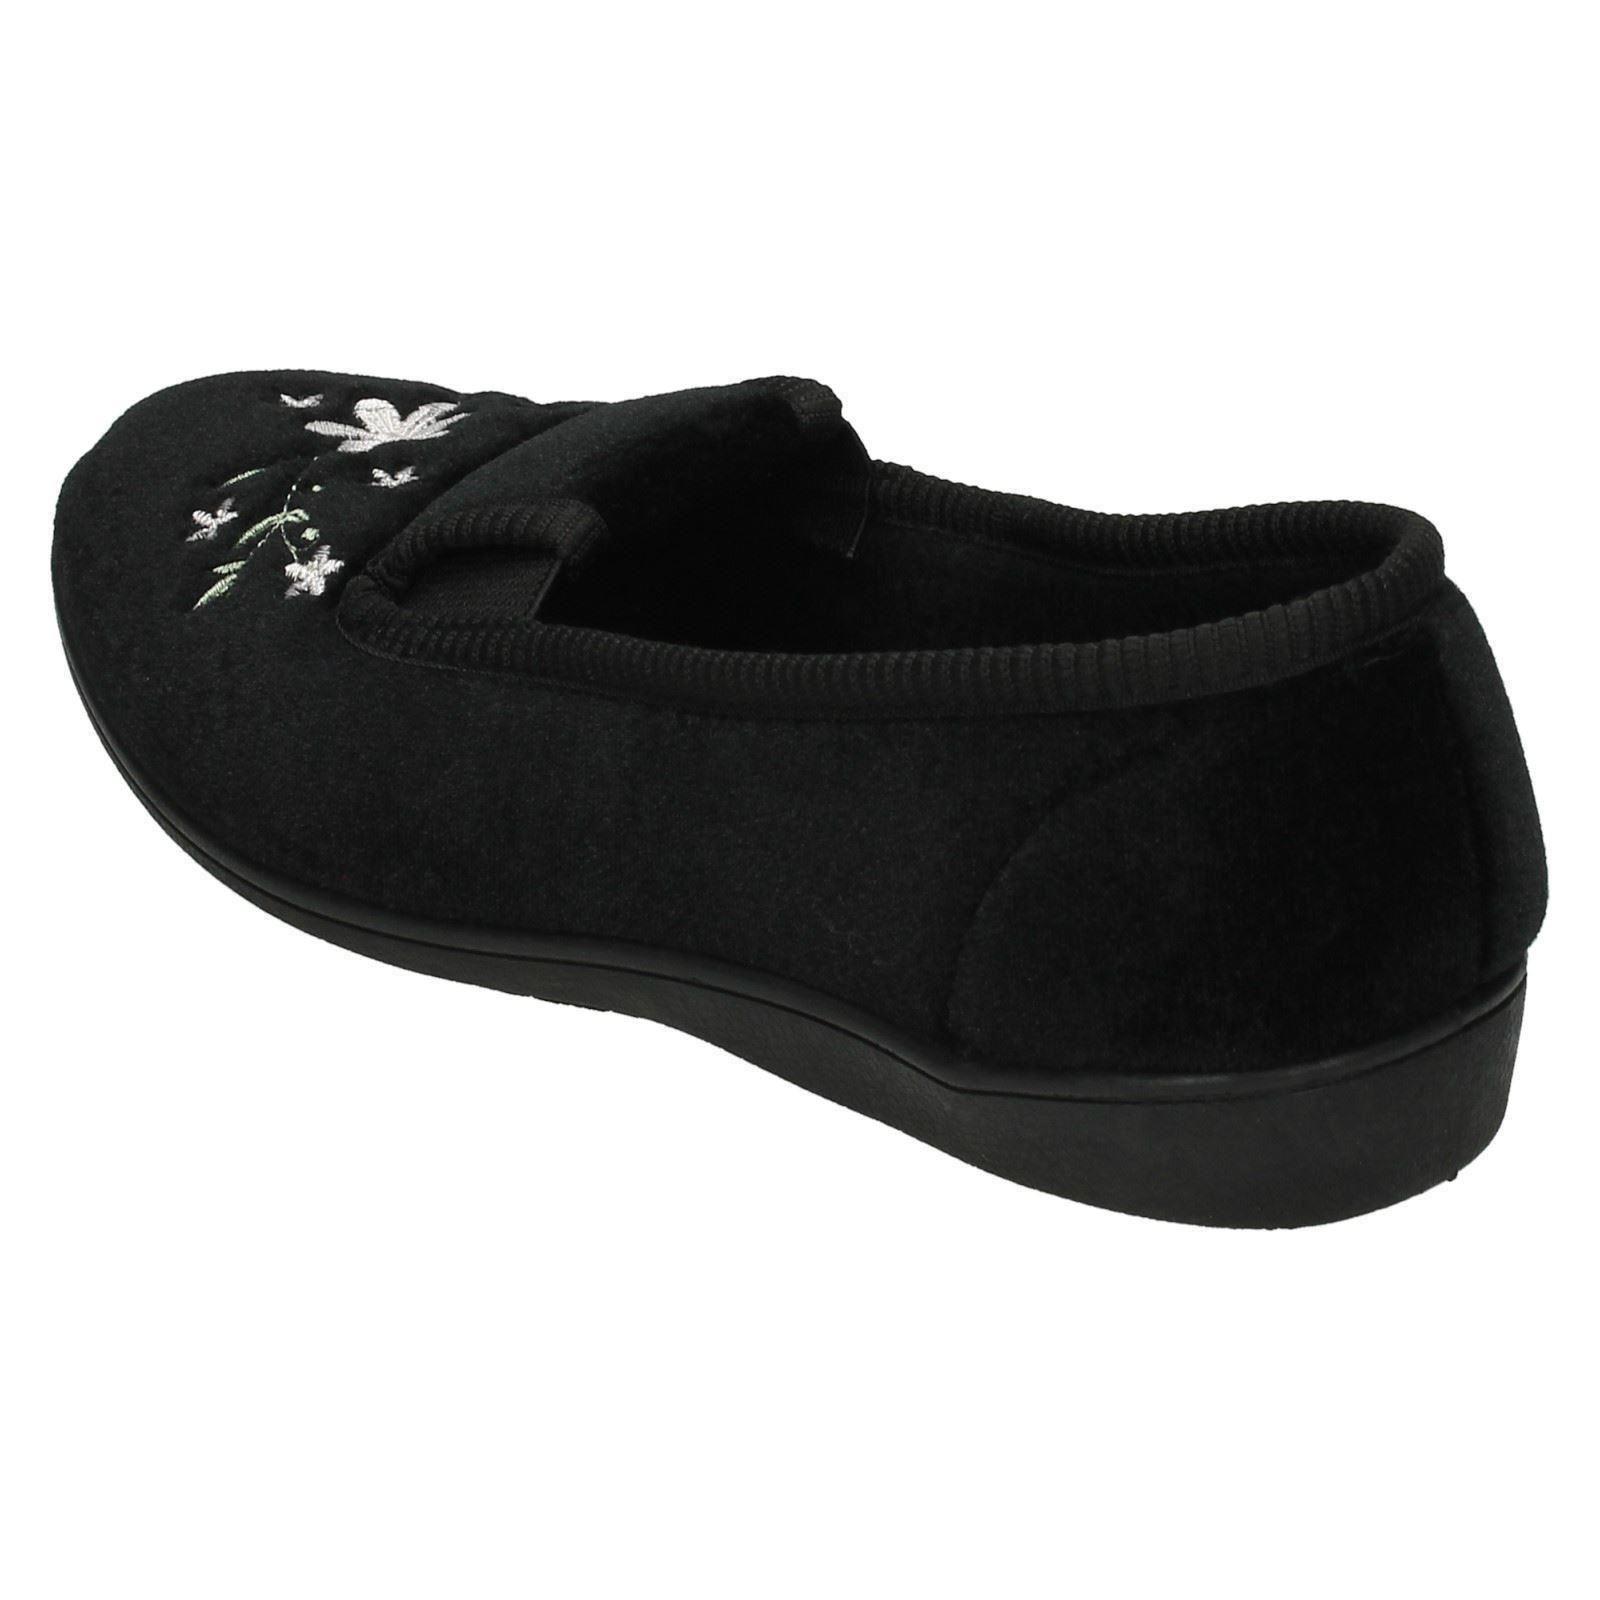 Damas Spot On Zapatillas de Calidad Estampado De Flores Zapatillas LS30